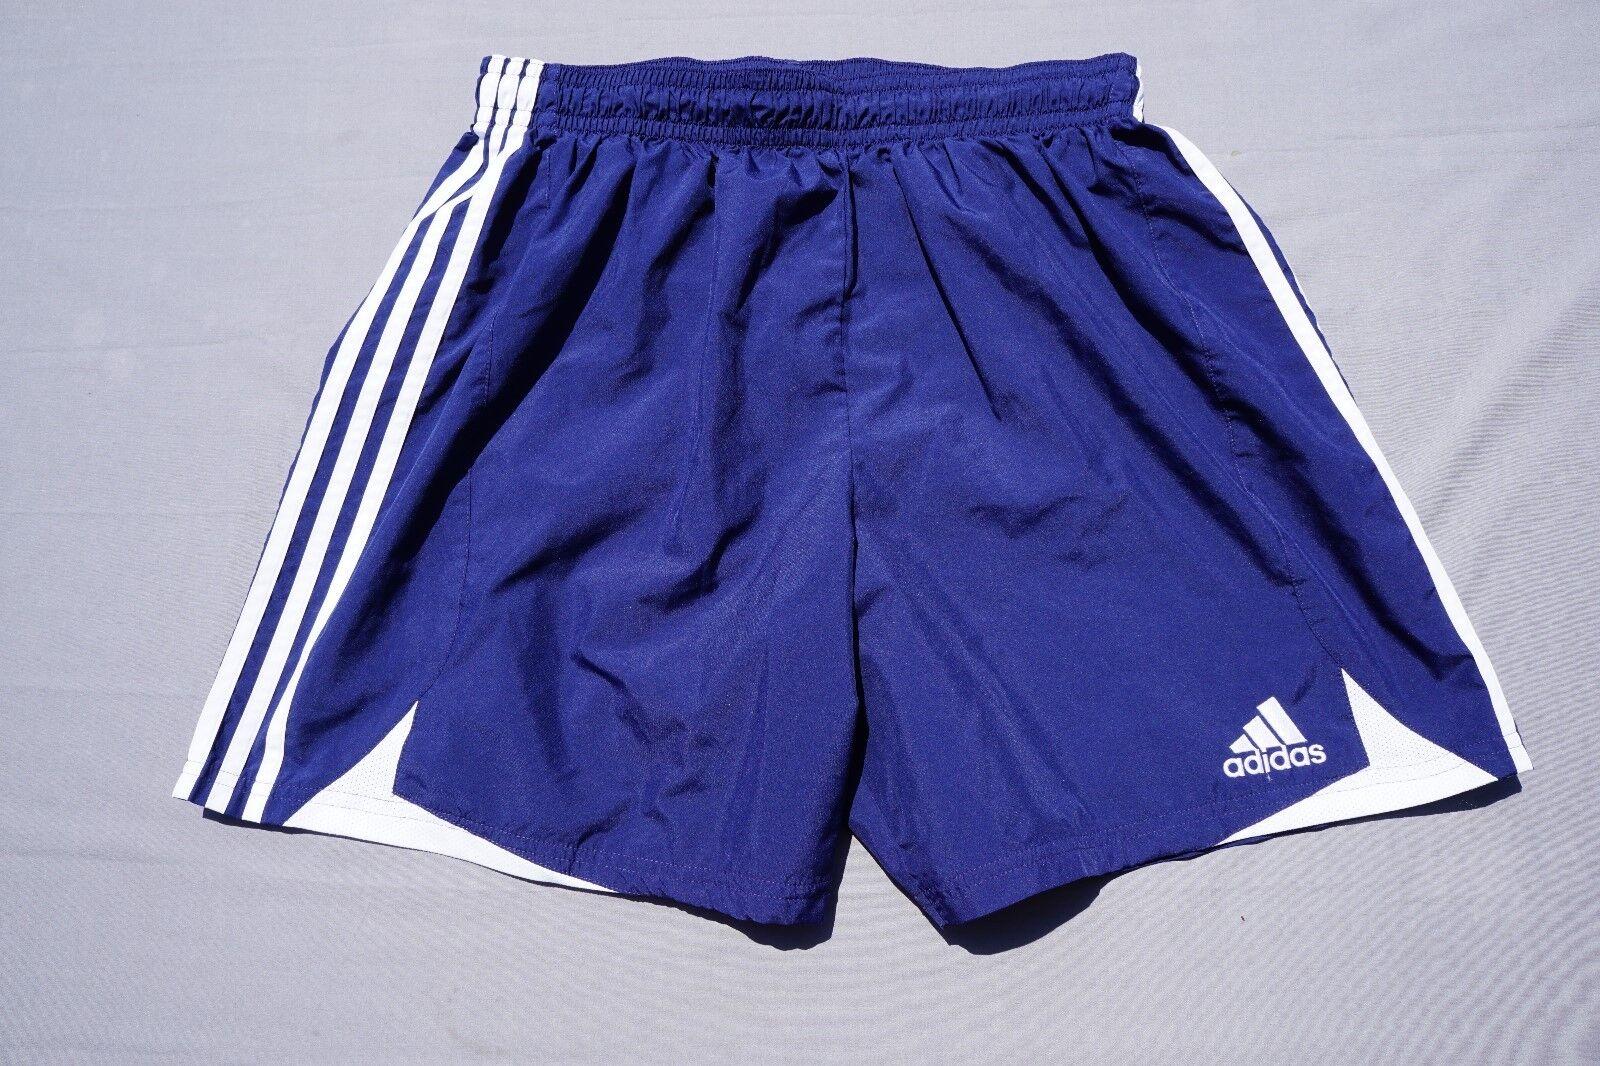 Short de sport Adidas ClimaCool à taille élastique.Bleu marine et blanc, XL pour hommes.